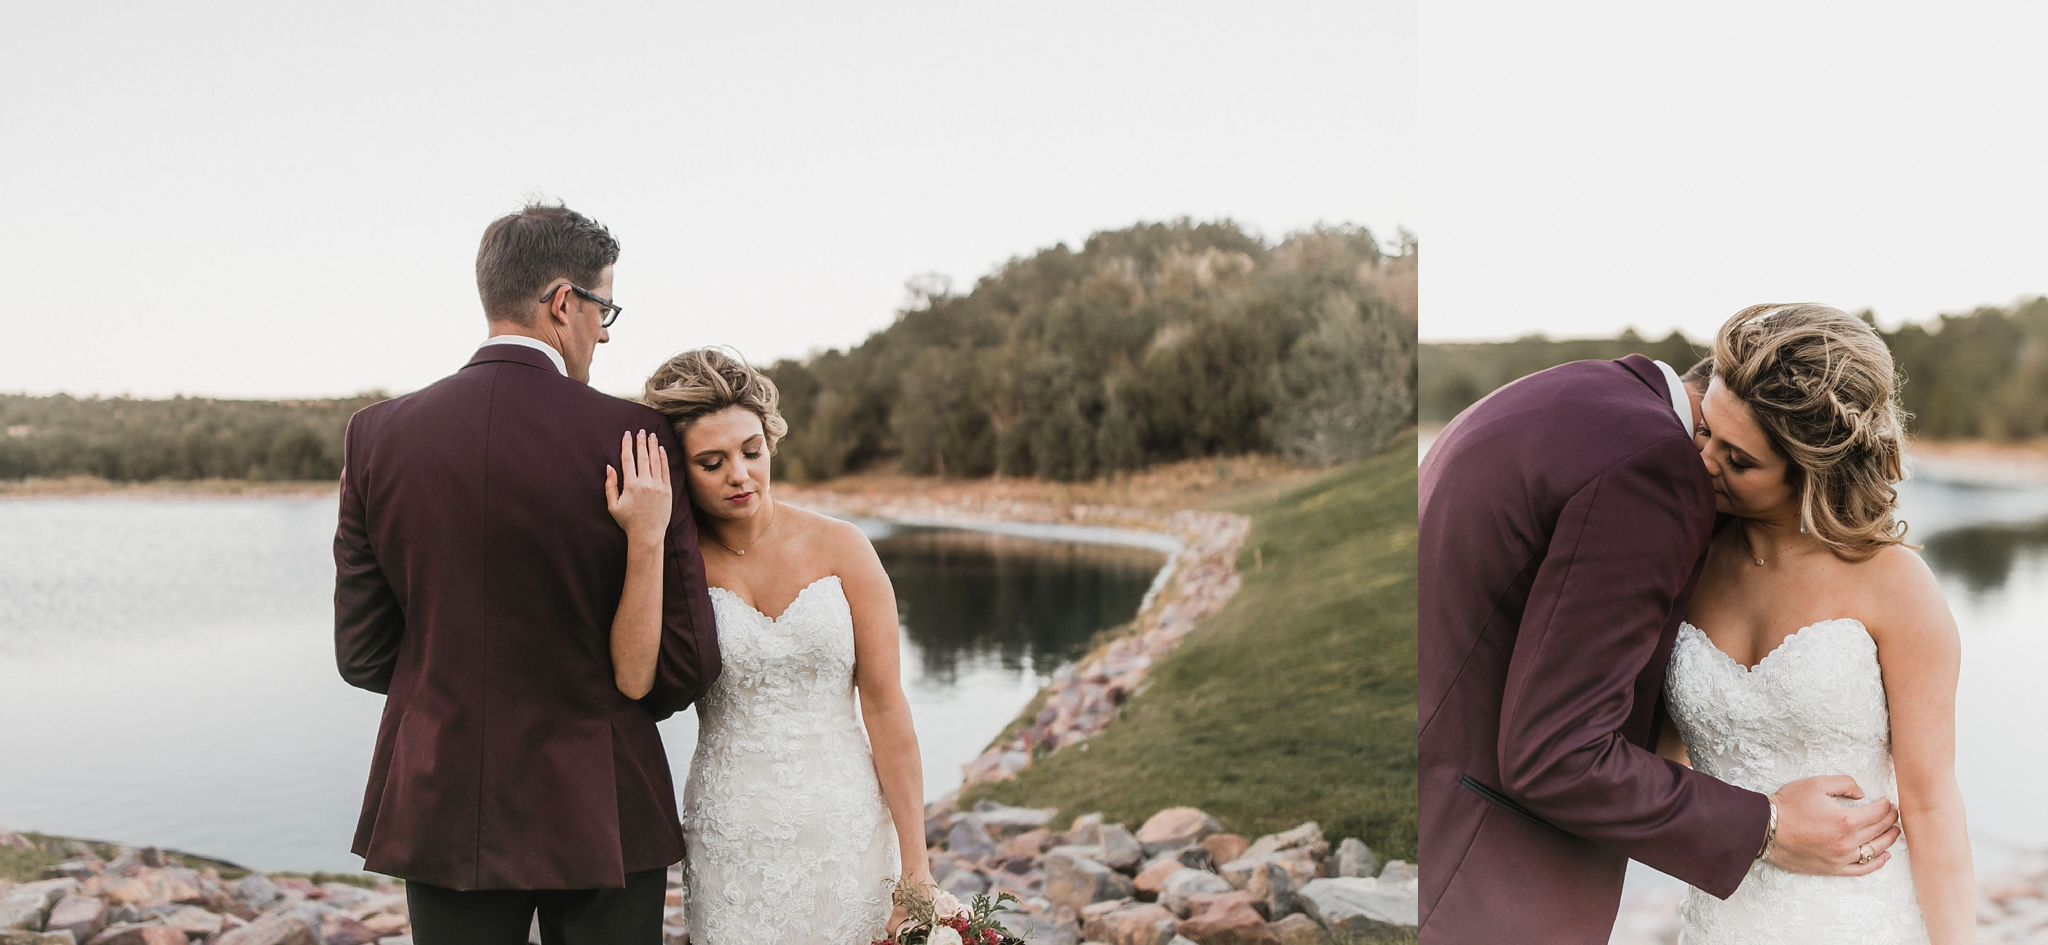 Alicia+lucia+photography+-+albuquerque+wedding+photographer+-+santa+fe+wedding+photography+-+new+mexico+wedding+photographer+-+new+mexico+wedding+-+wedding+photographer+-+wedding+photographer+team_0108.jpg